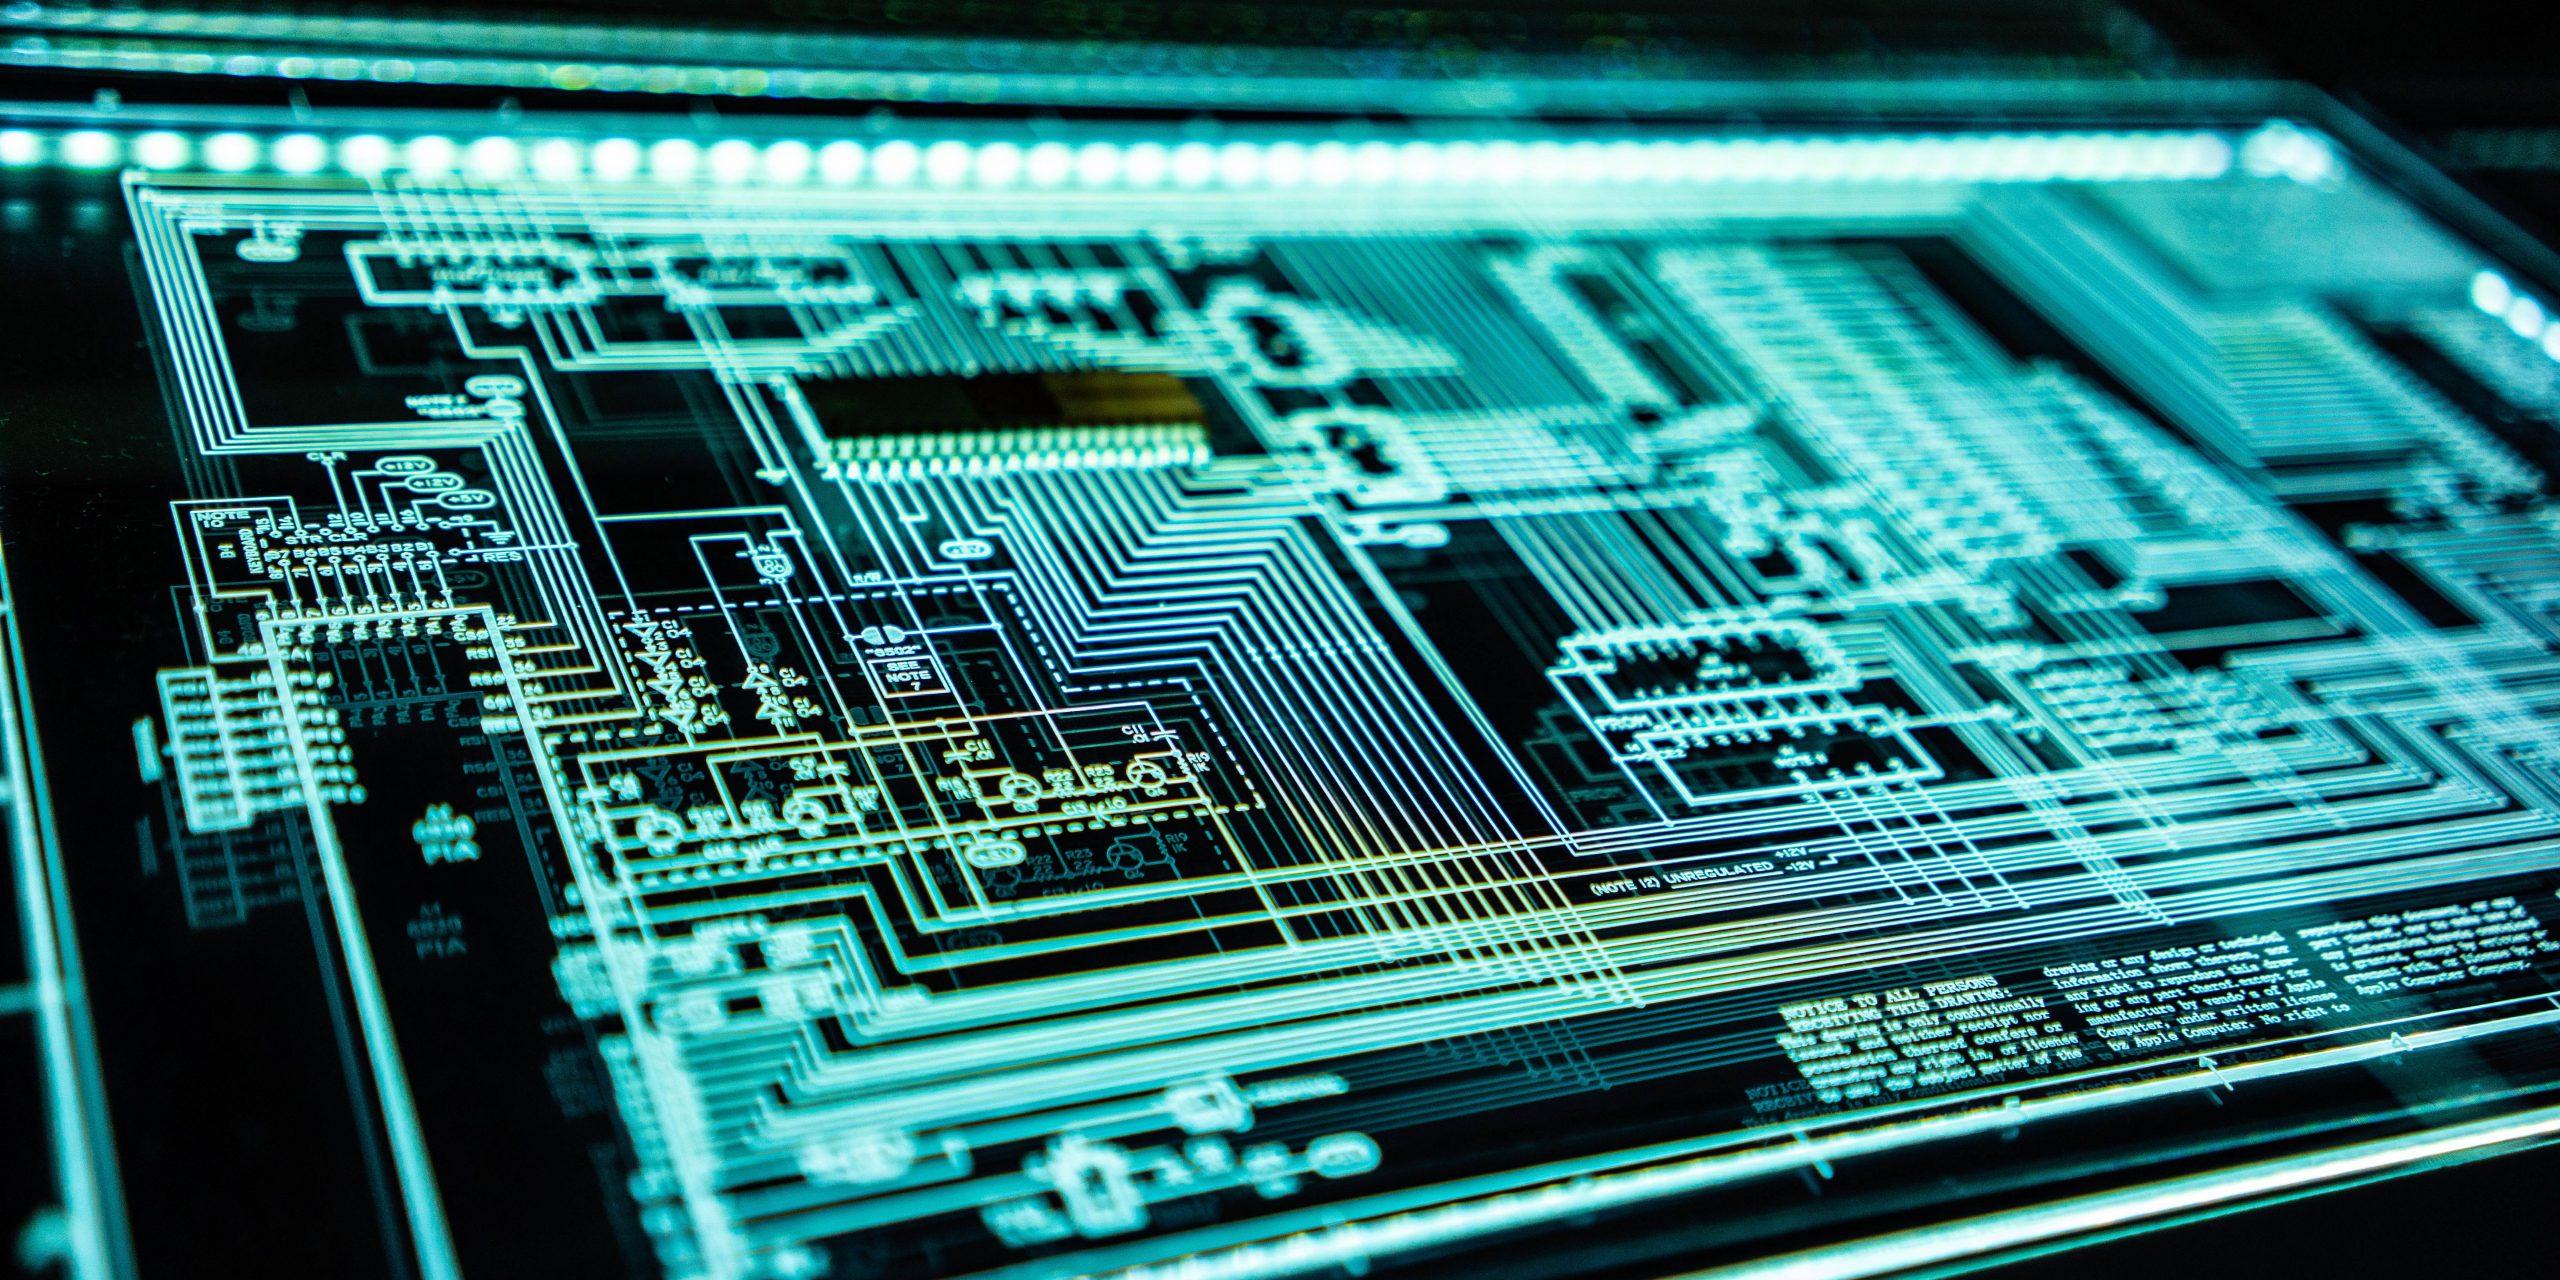 Создан компьютерный чип нового поколения